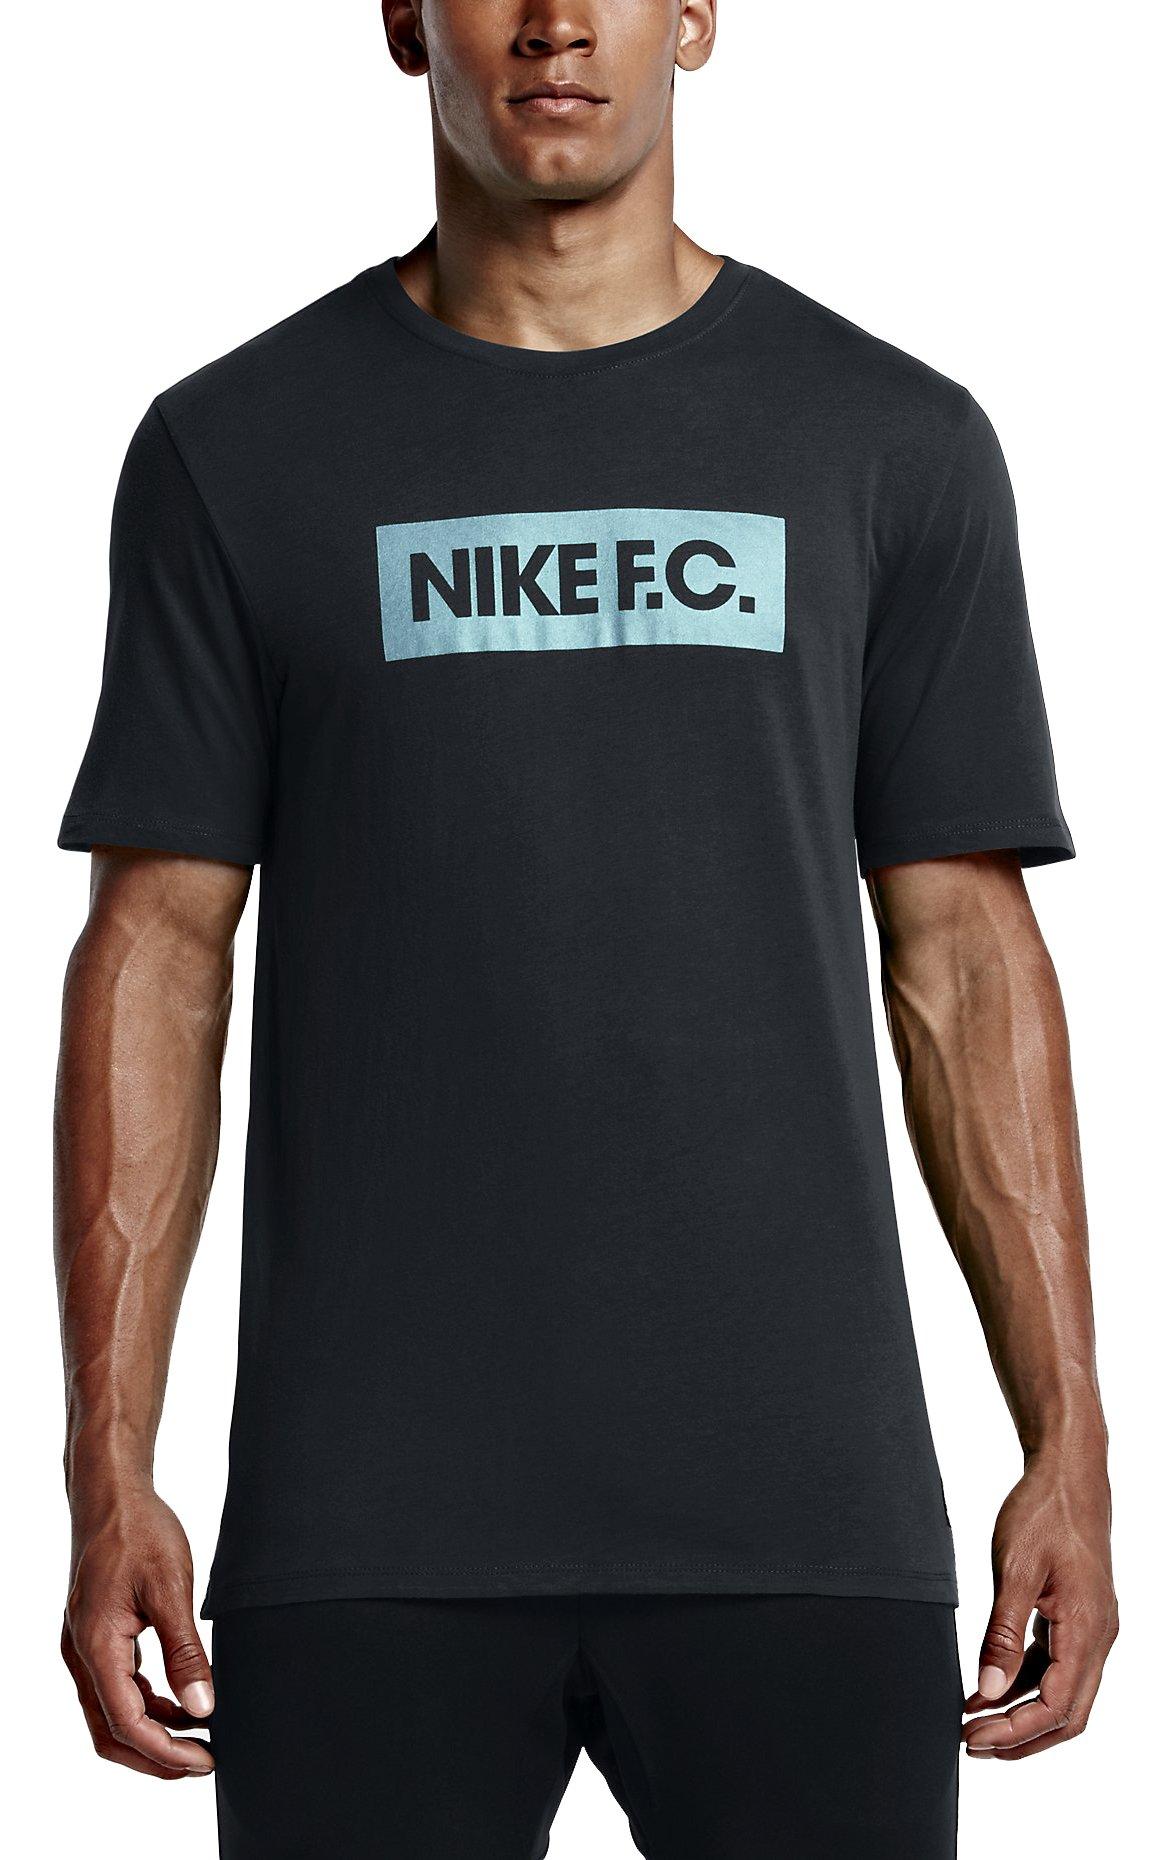 Tričko s krátkým rukávem Nike FC Color Shift Block